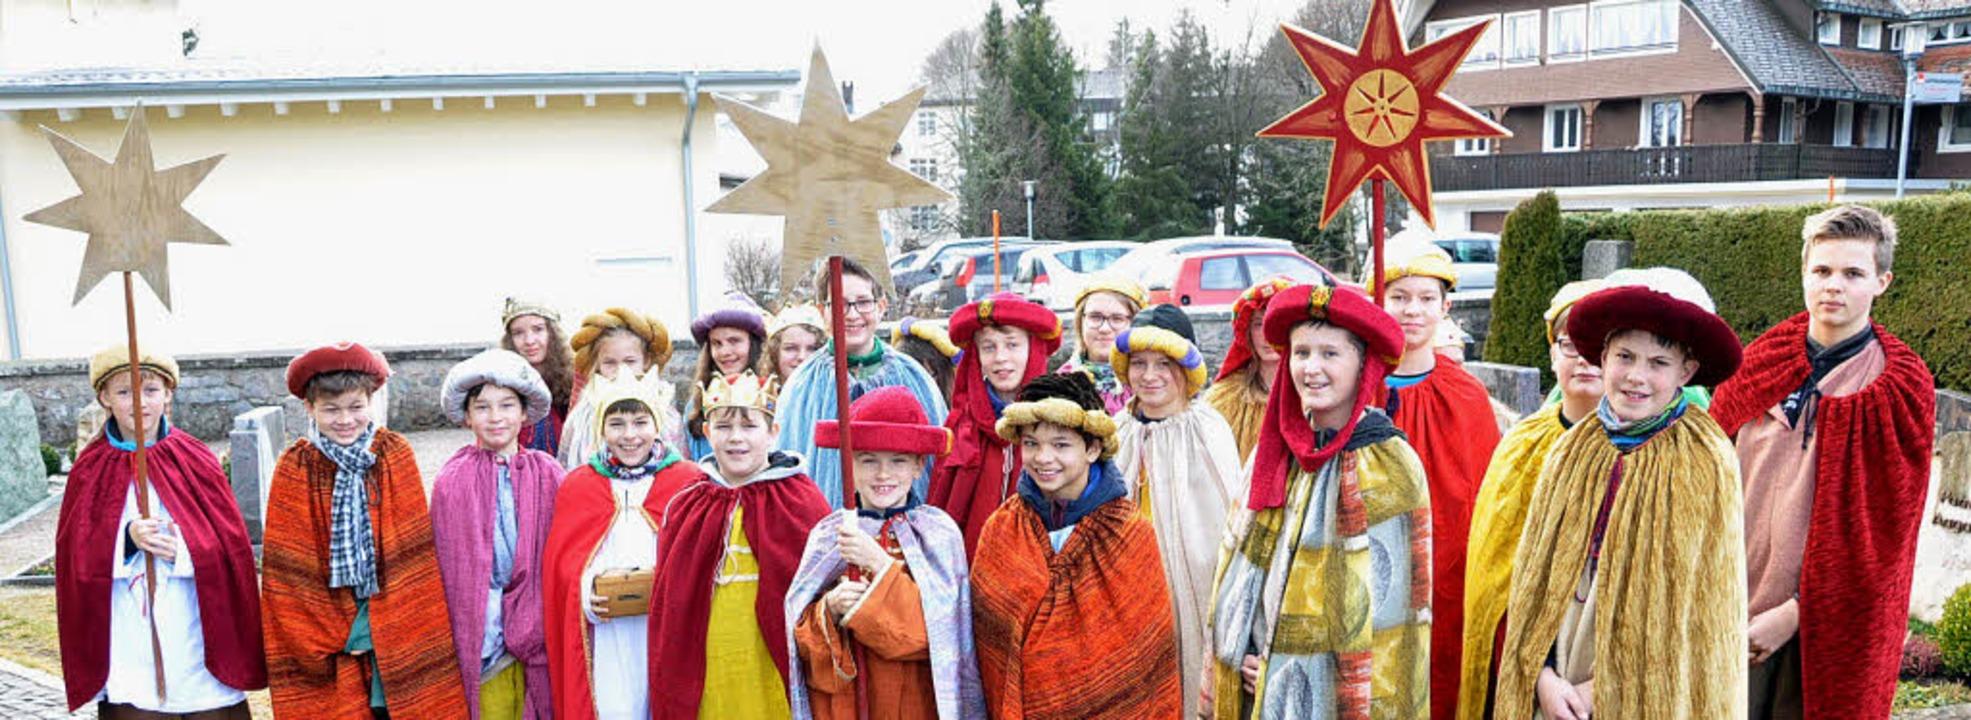 Anlässlich des Dreikönigstags sammelte...henschwand Spenden für Kinder in Not.   | Foto: Pichler